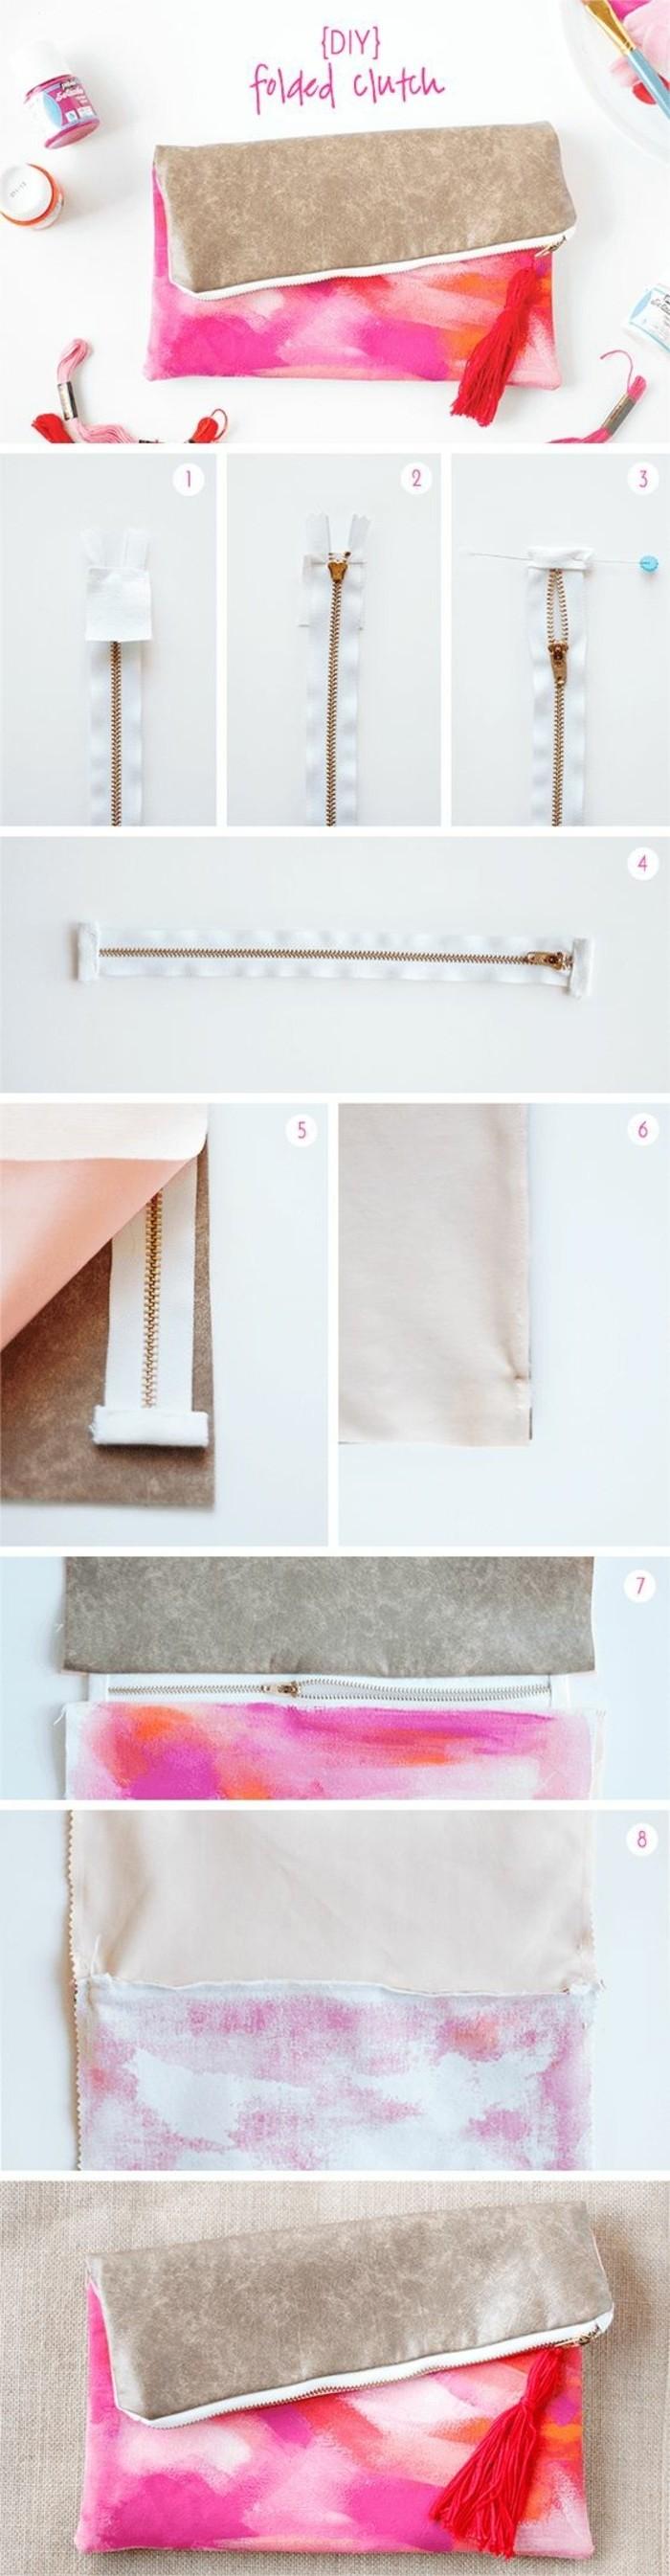 1001 tutos et id es pour r ussir votre projet diy pochette. Black Bedroom Furniture Sets. Home Design Ideas